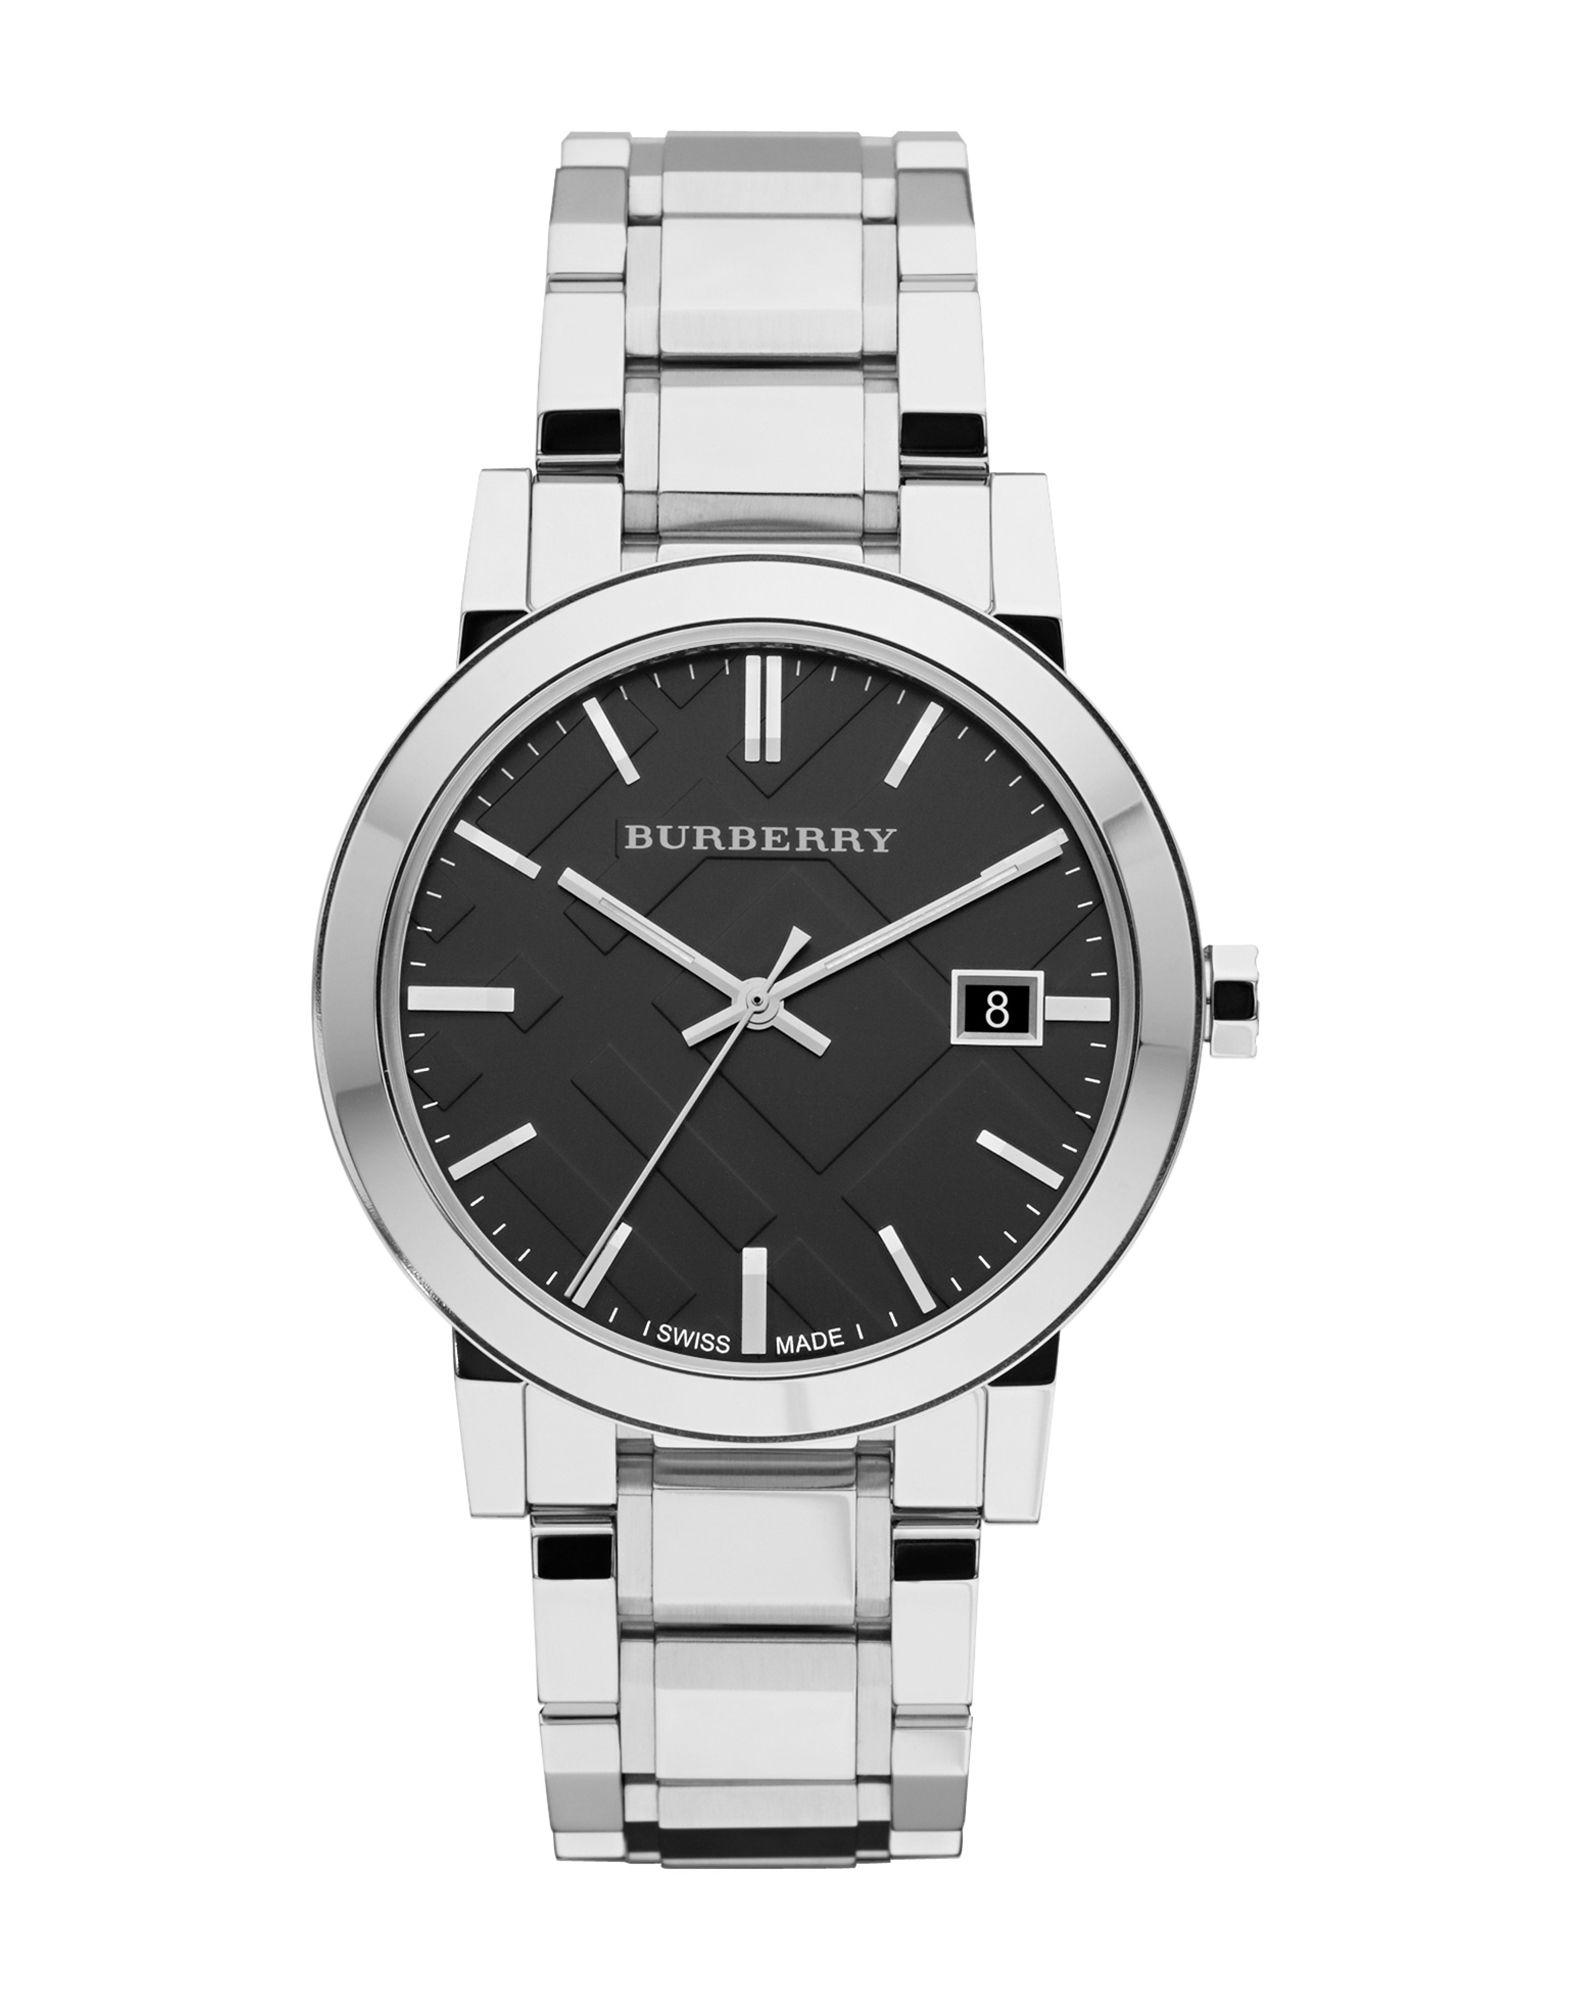 ユニセックス BURBERRY 腕時計 シルバー